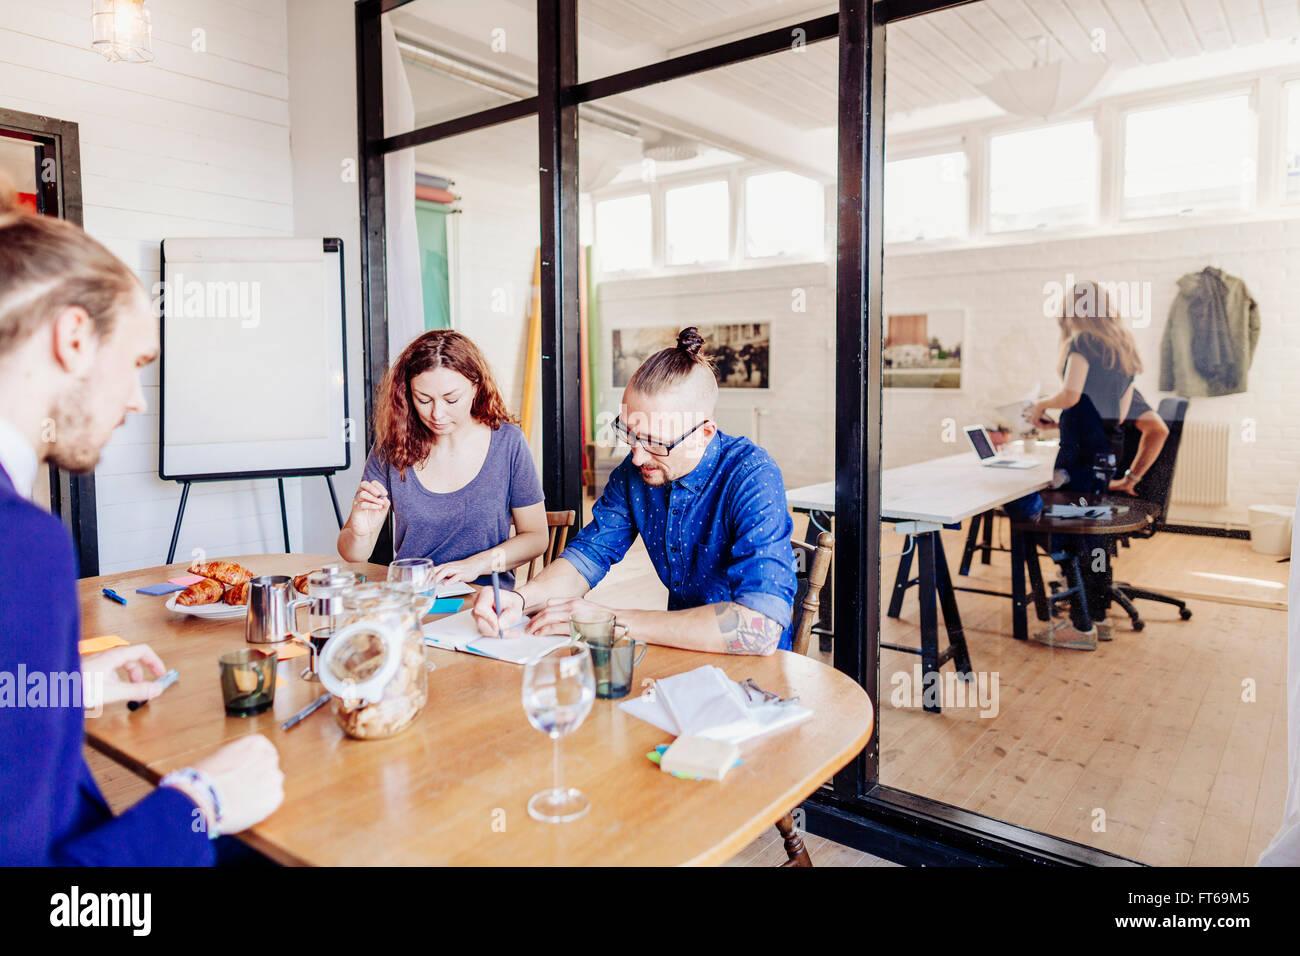 Attività creativa di persone che lavorano al tavolo nella sala riunioni Immagini Stock